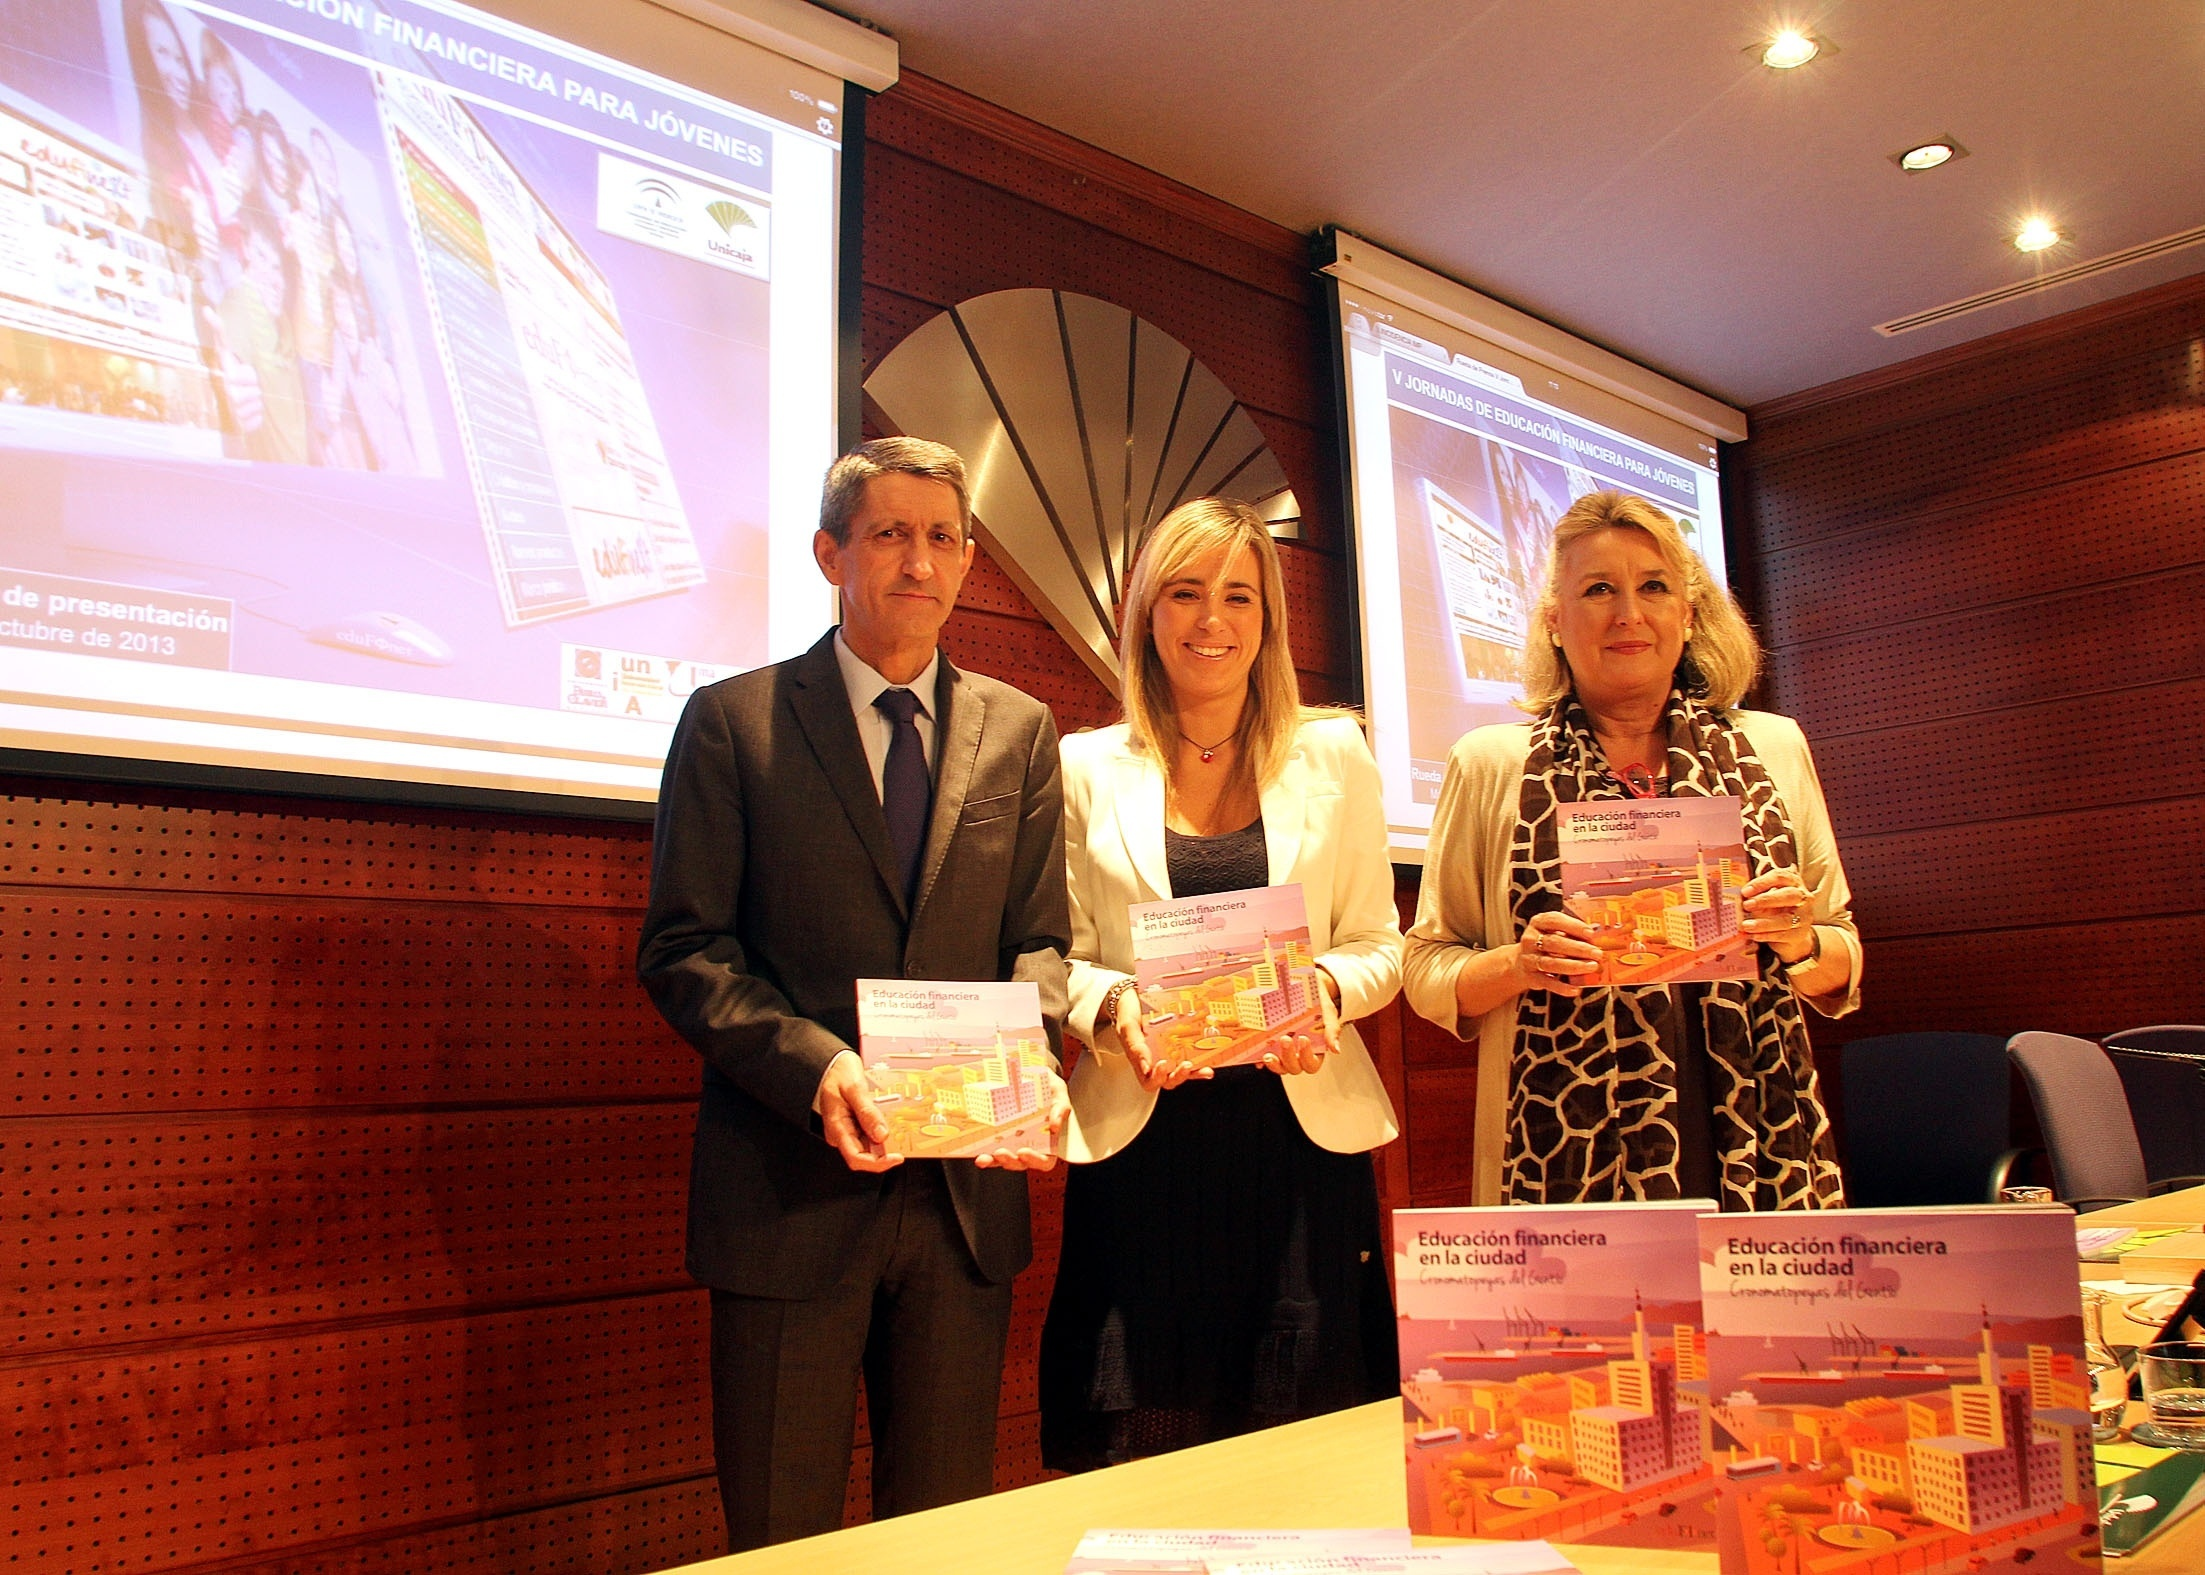 Unicaja pone en marcha en Málaga sus jornadas para fomentar la educación financiera en los estudiantes